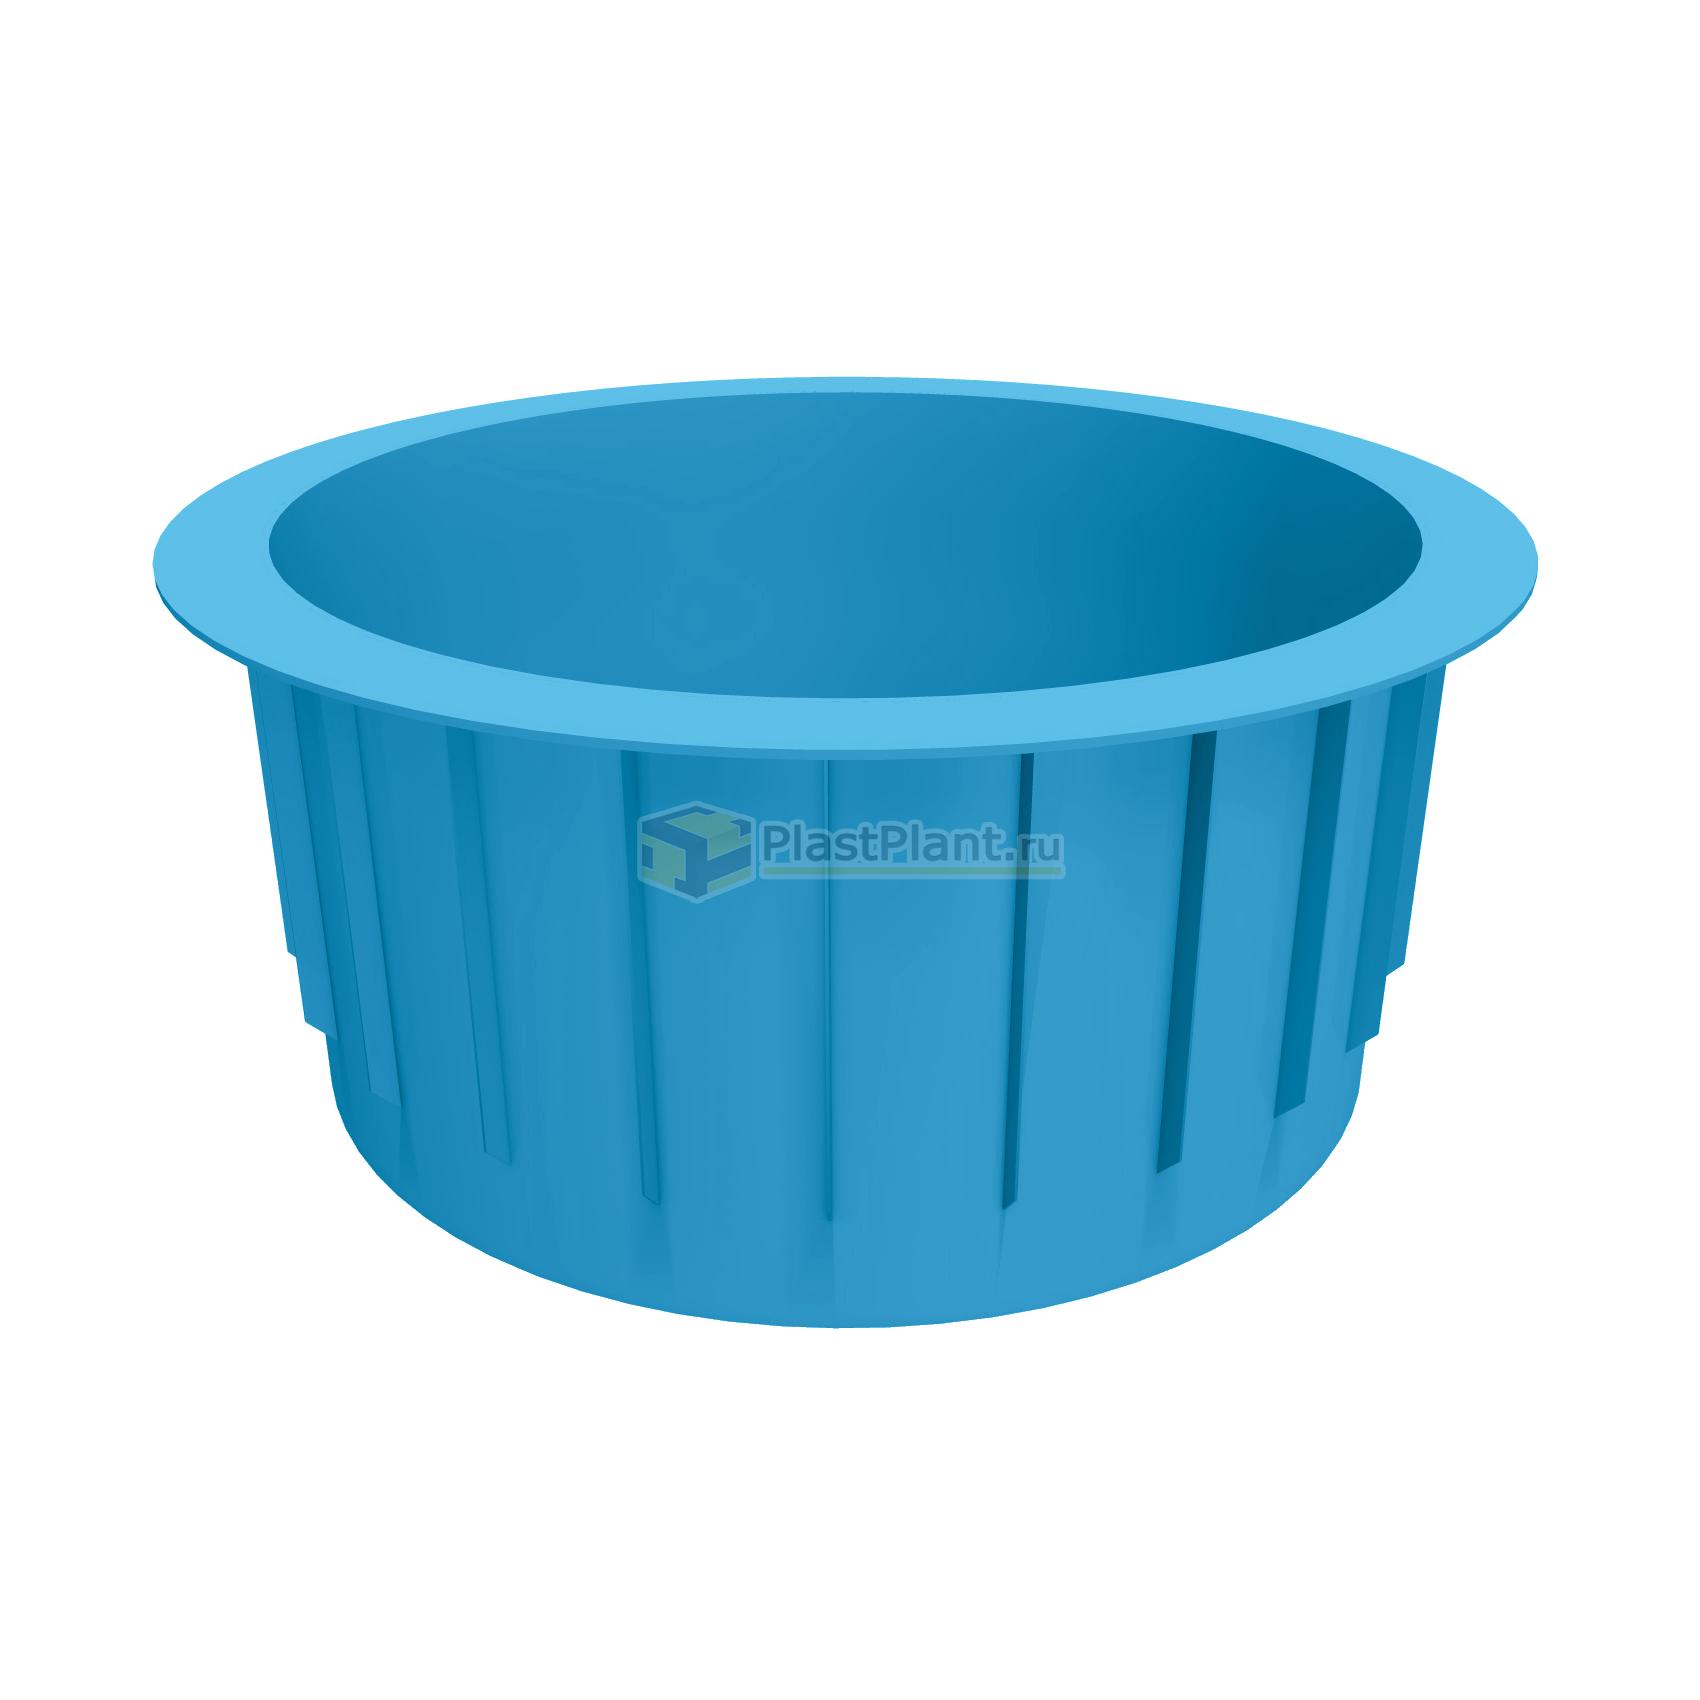 Купель круглая 1500x1500 полипропиленовая - купить в ПластПлэнт